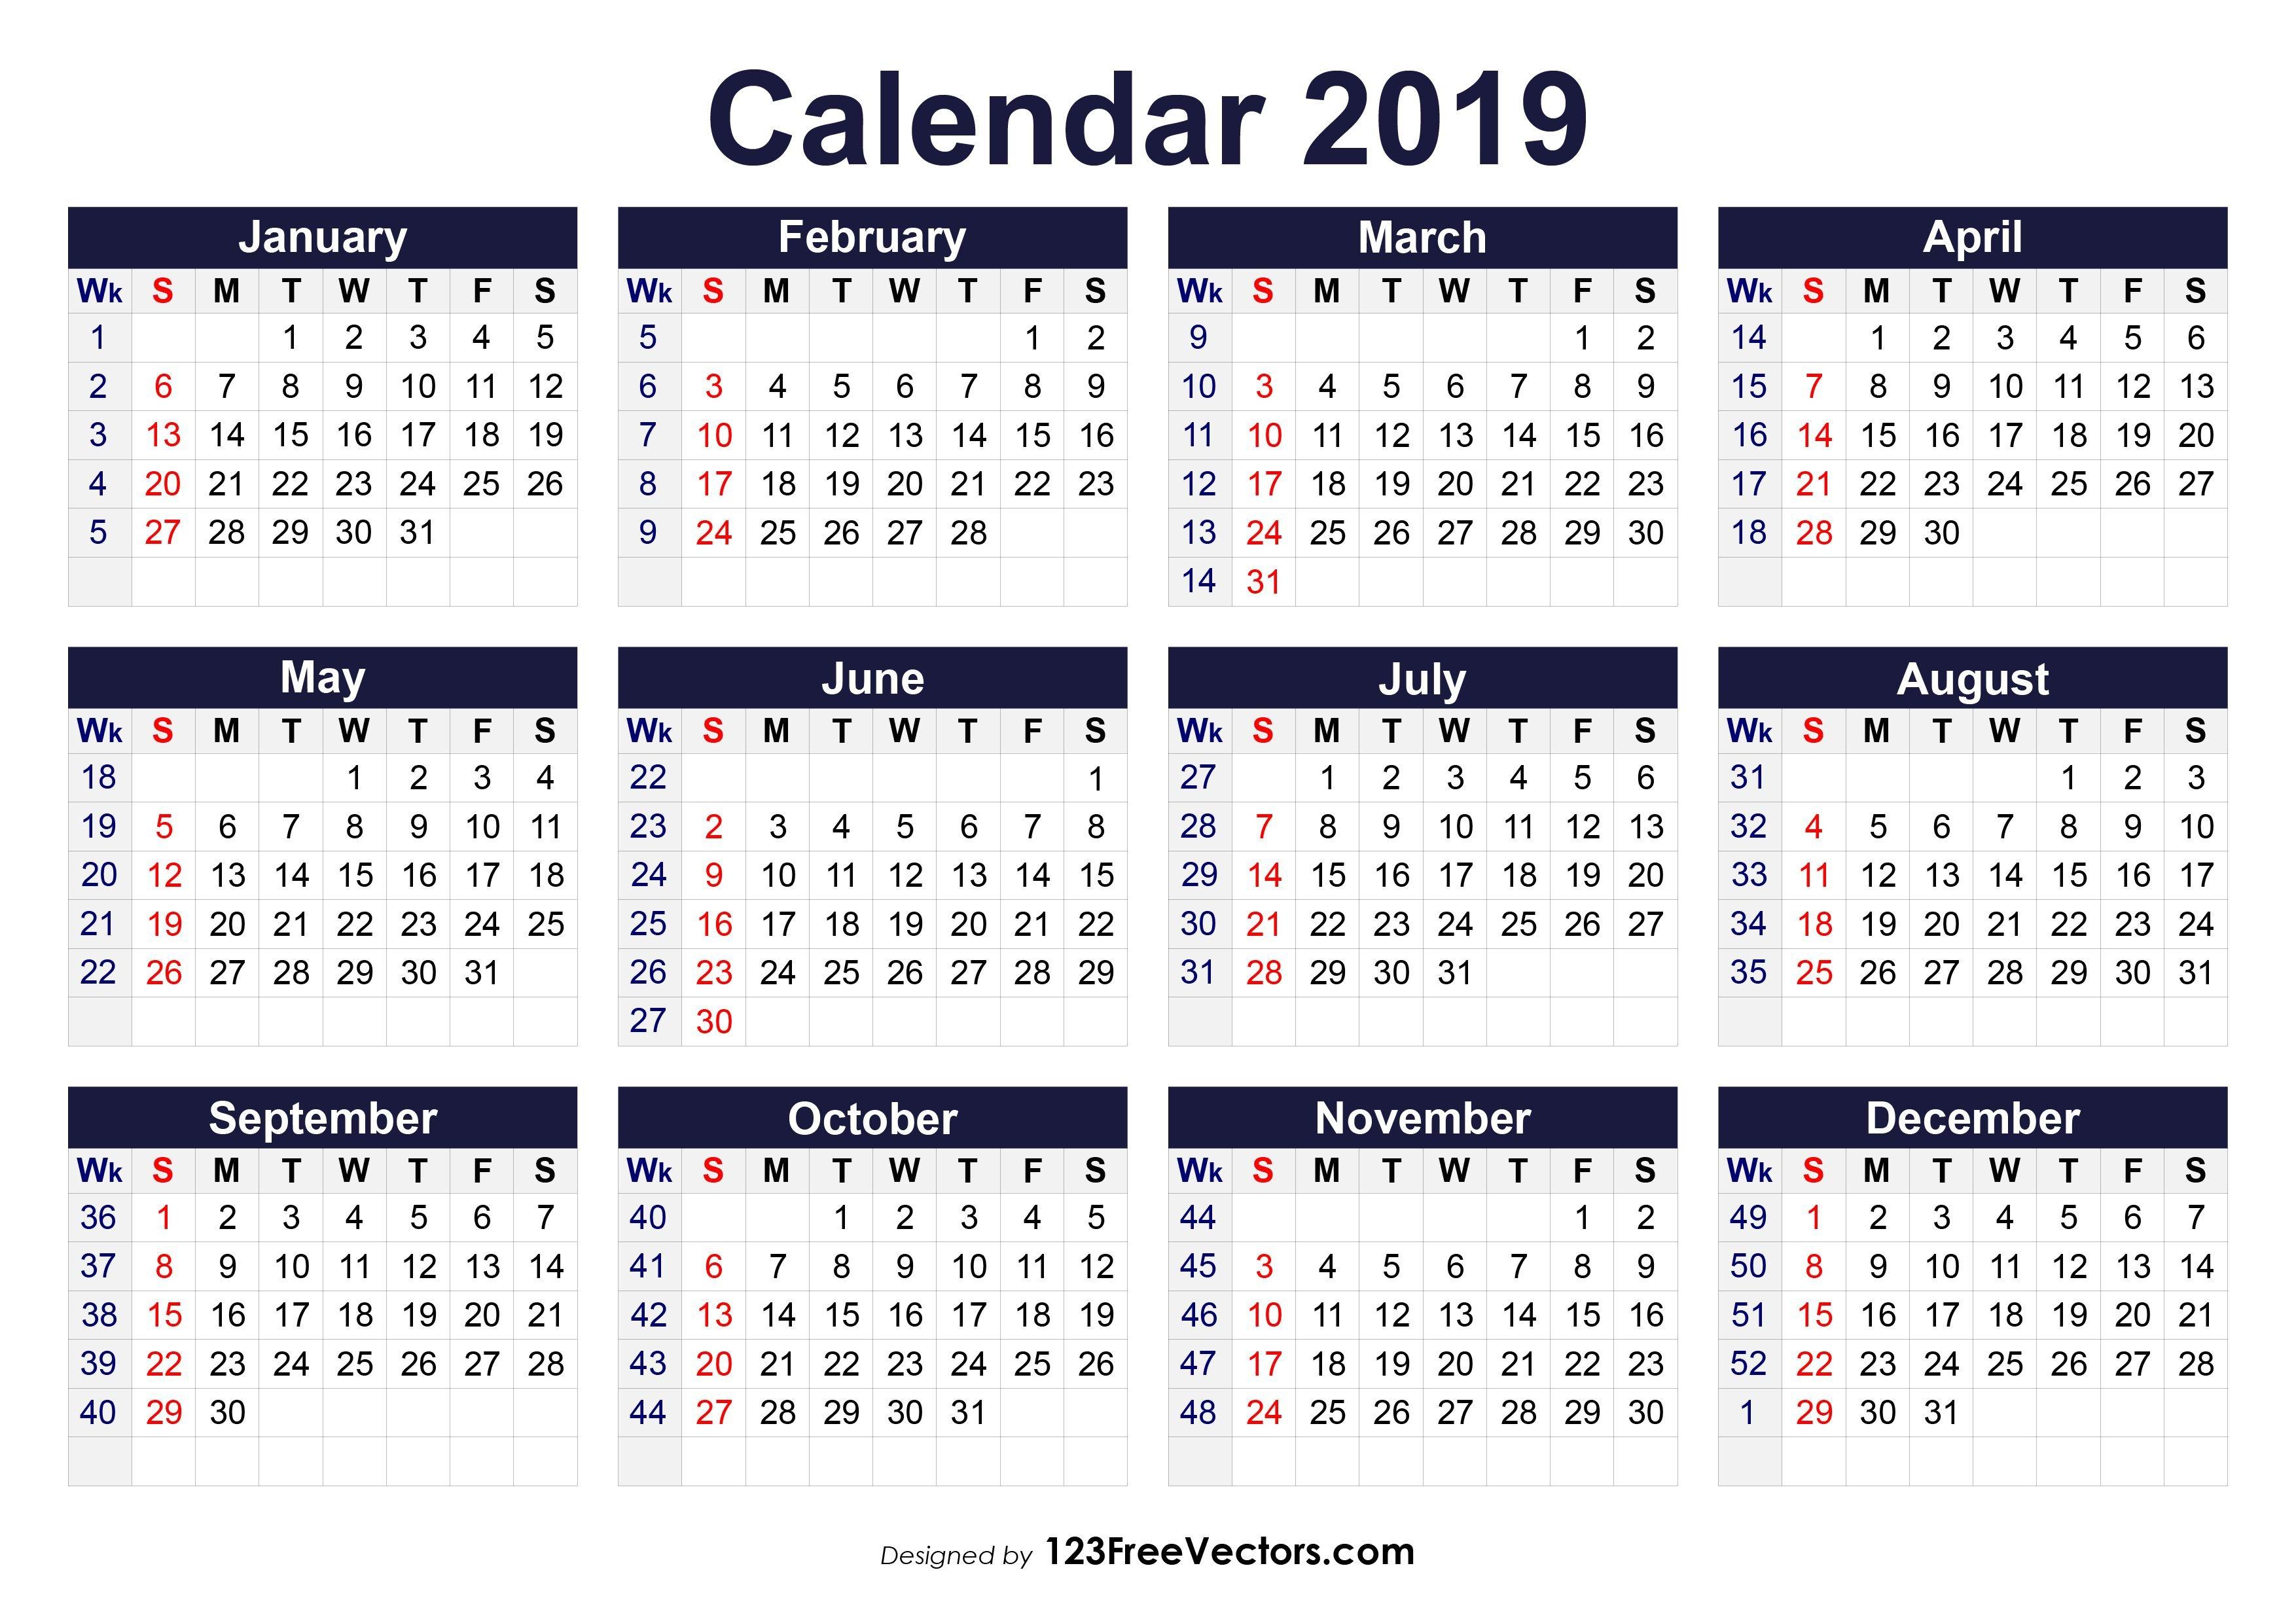 2019 Calendar Weeks Per Month – Kalender Plan Calendar 2019 Numbered Weeks